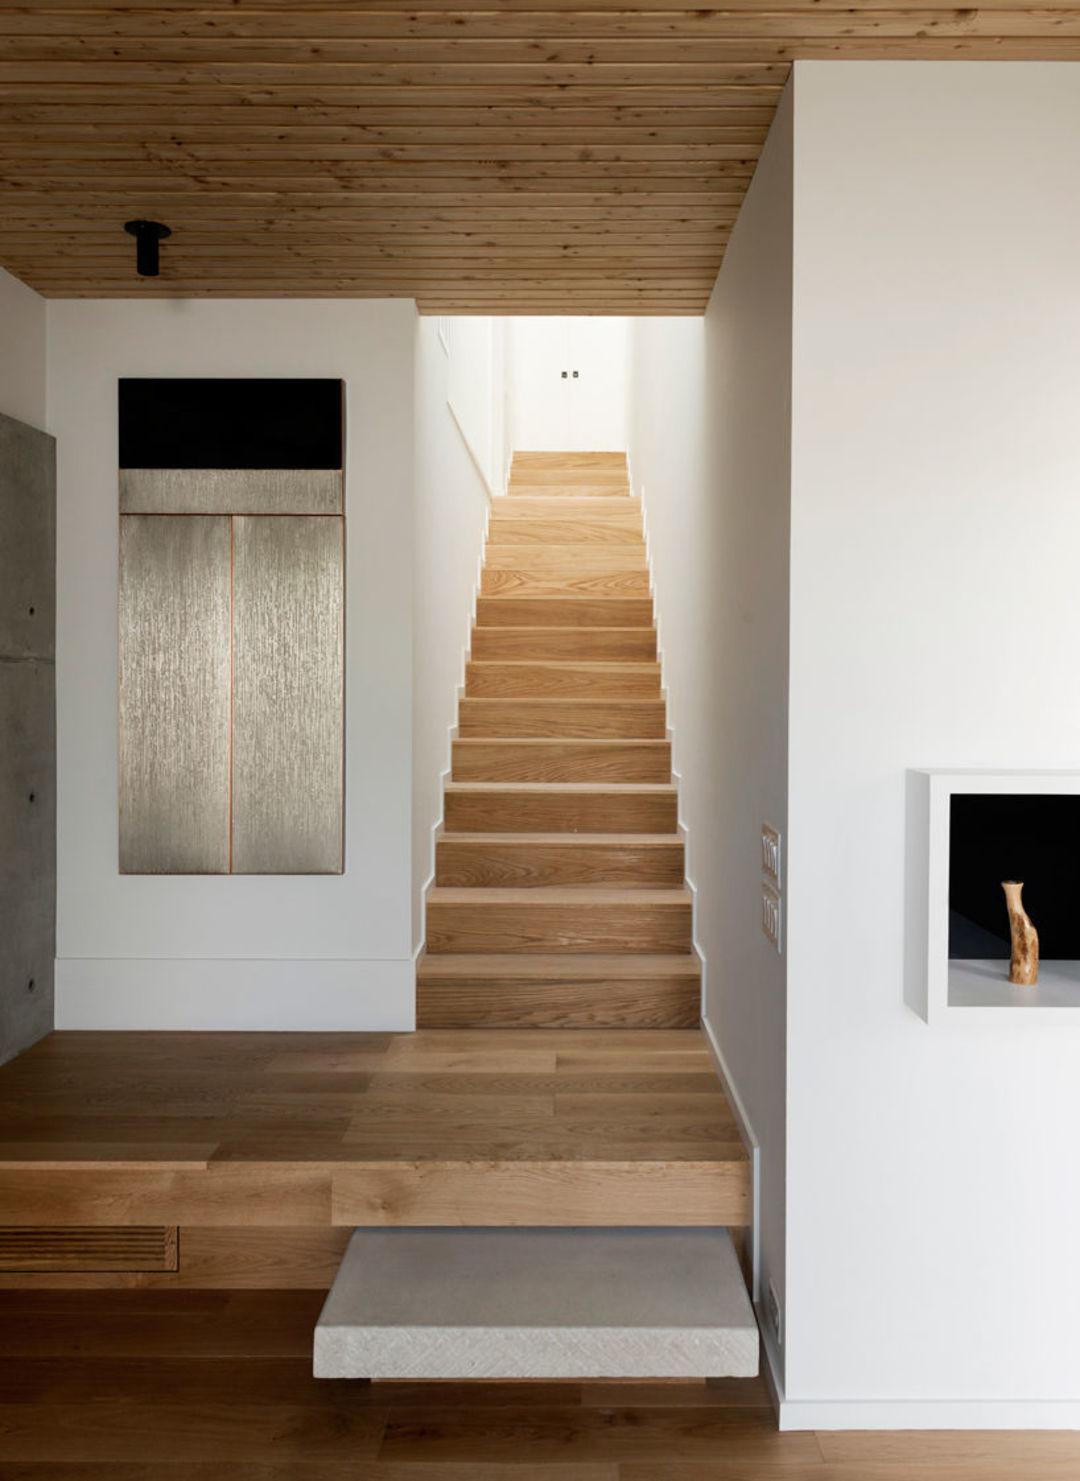 来看这座清水混凝土盖的别墅,低调而又富于变化_设计_好奇心日报